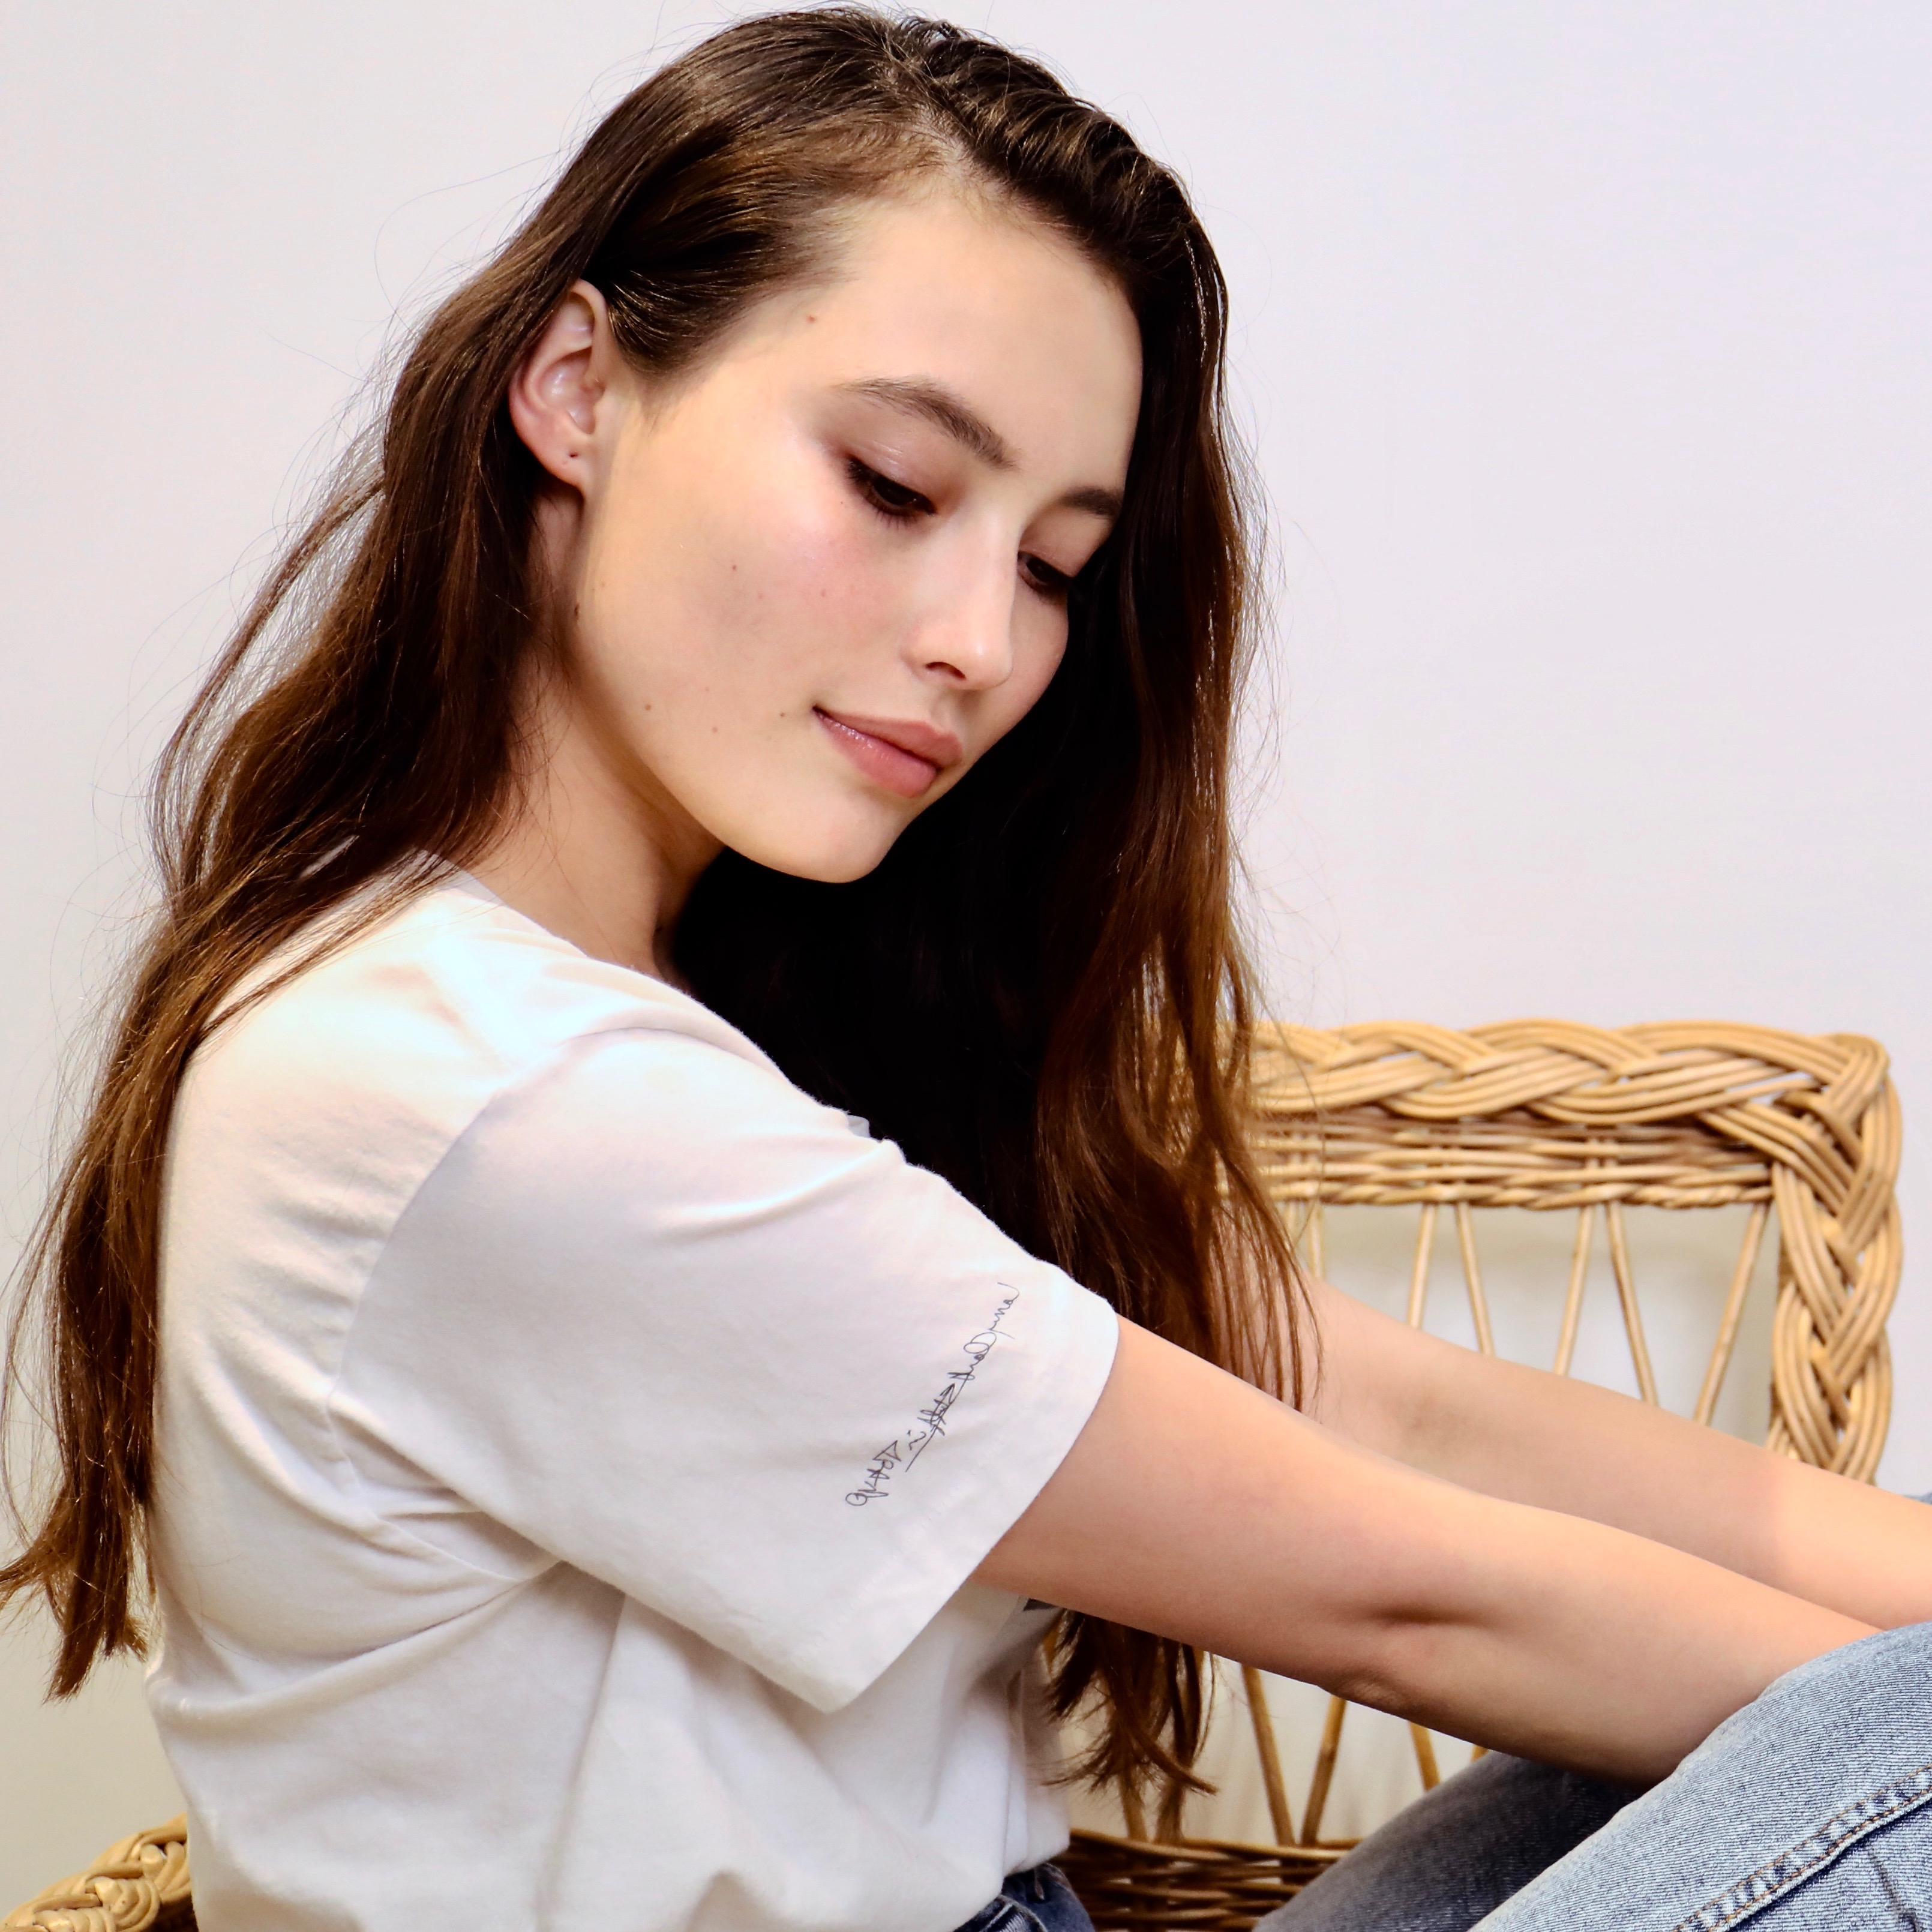 【髪型で変わるTシャツの着こなし】外国人風なウェービー巻きをマスター!